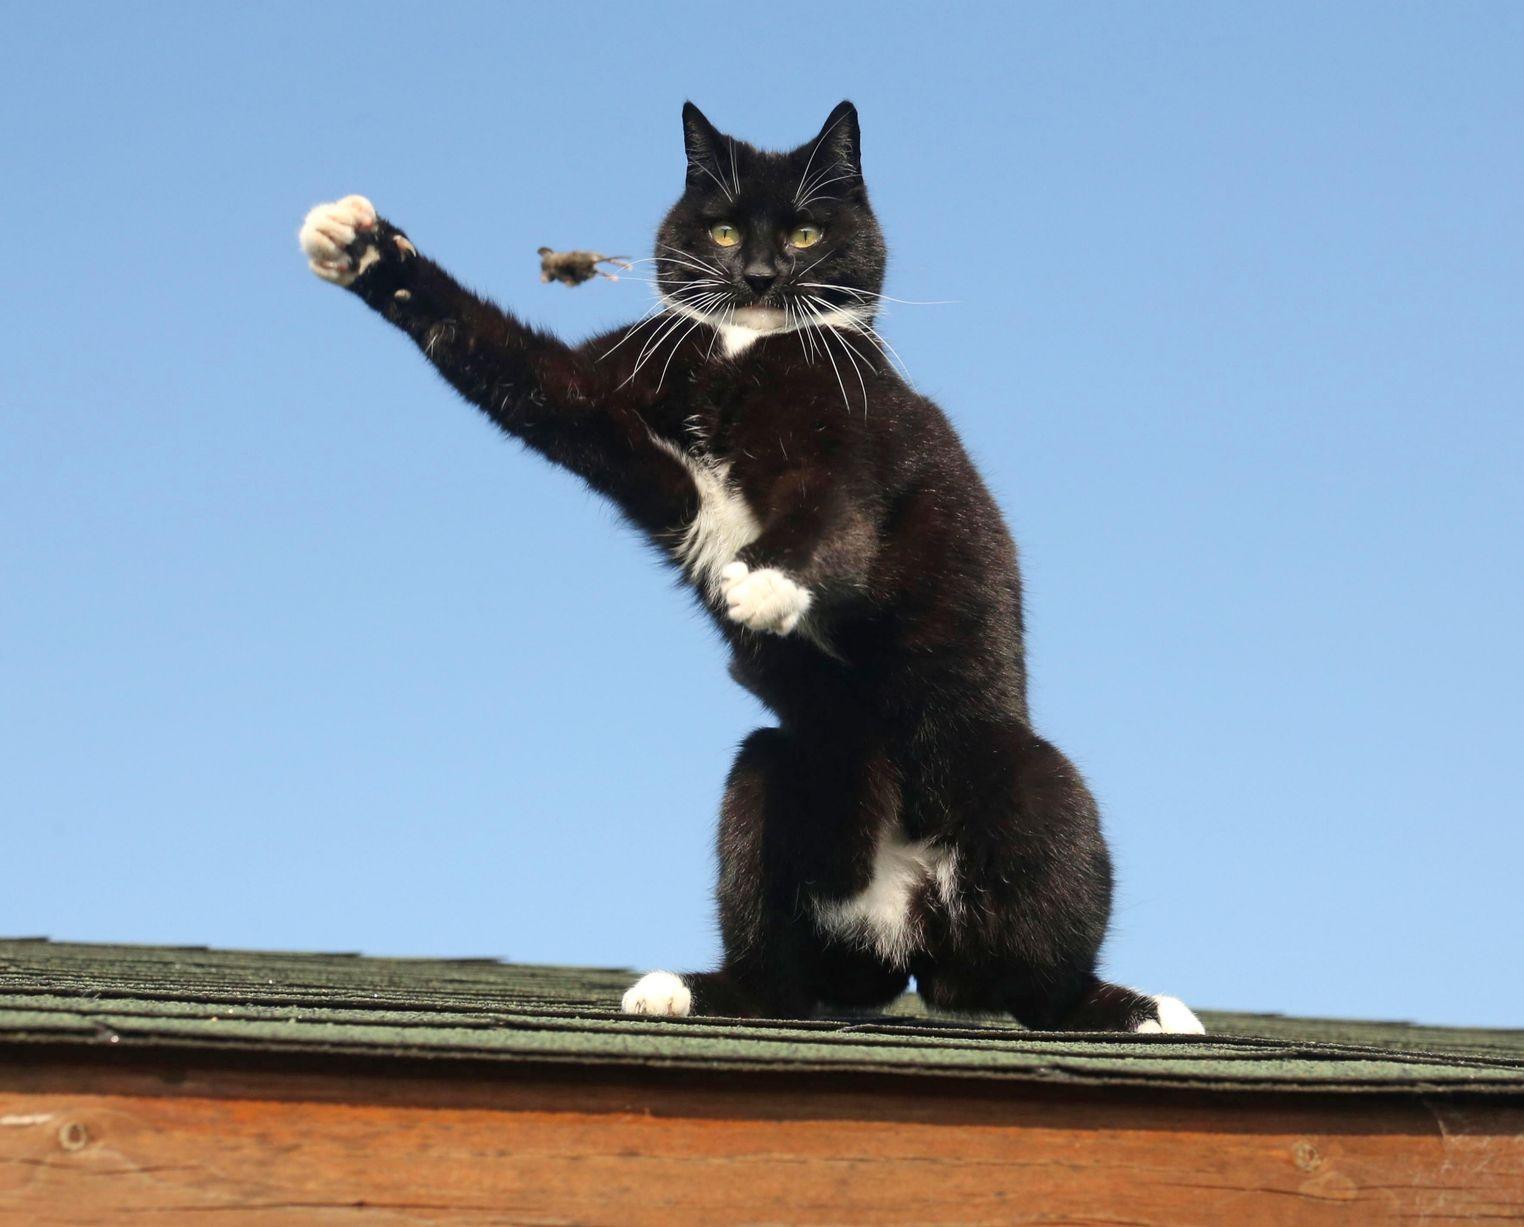 现实版《猫和老鼠》:英建筑顶上演猫戏鼠大戏